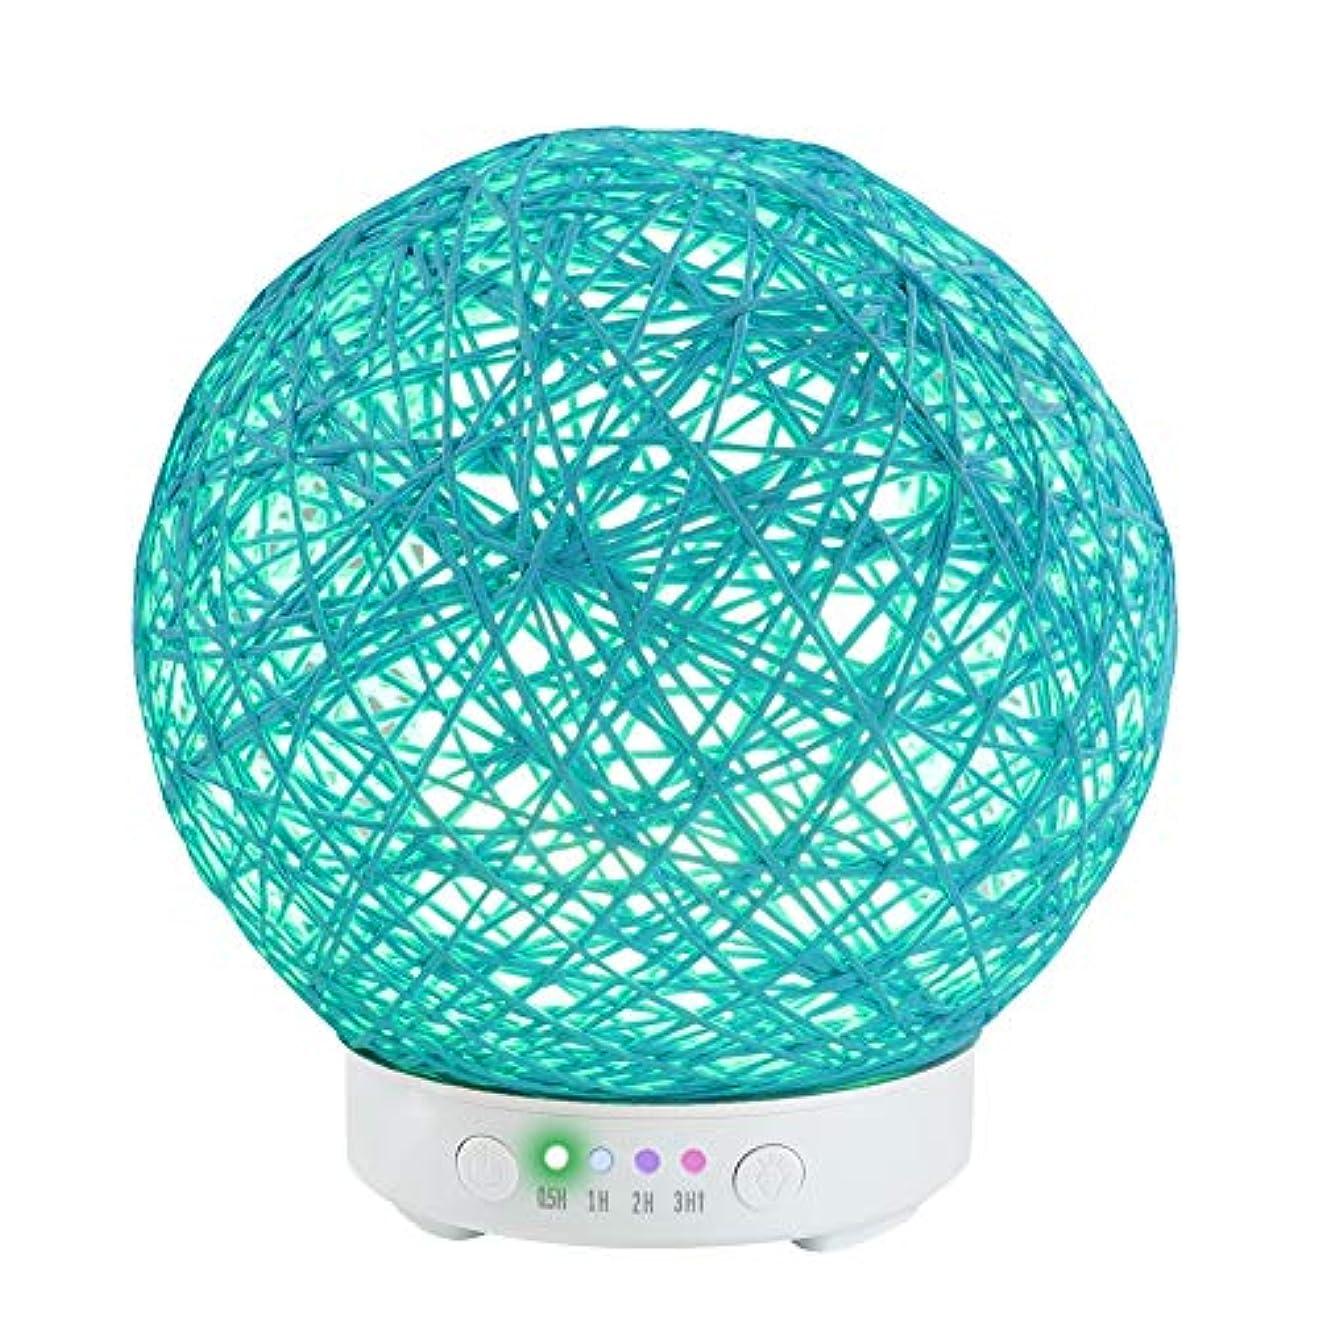 引き金更新値クリエイティブ麻アロマテラピーマシン、アロマオイルディフューザー、アロマエッセンシャルオイルディフューザー、ウォーターレスオートオフ7色LEDライト付き,Blue